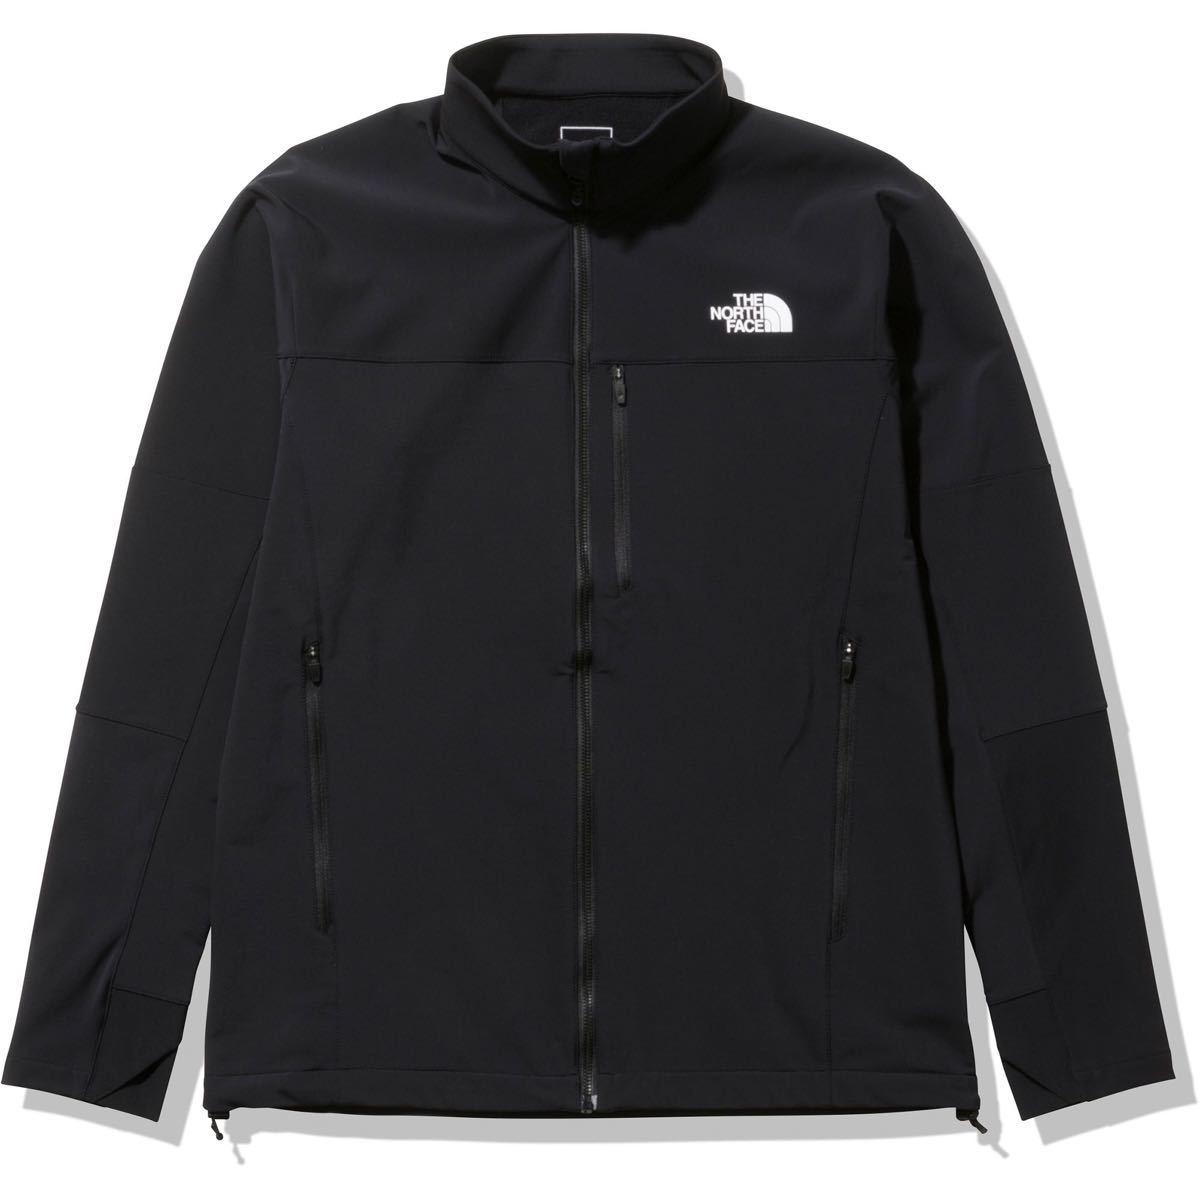 THE NORTH FACE ザノースフェイス ソフトシェルジャケット マクルアウールジャケット ブラック(黒) メンズS 新品